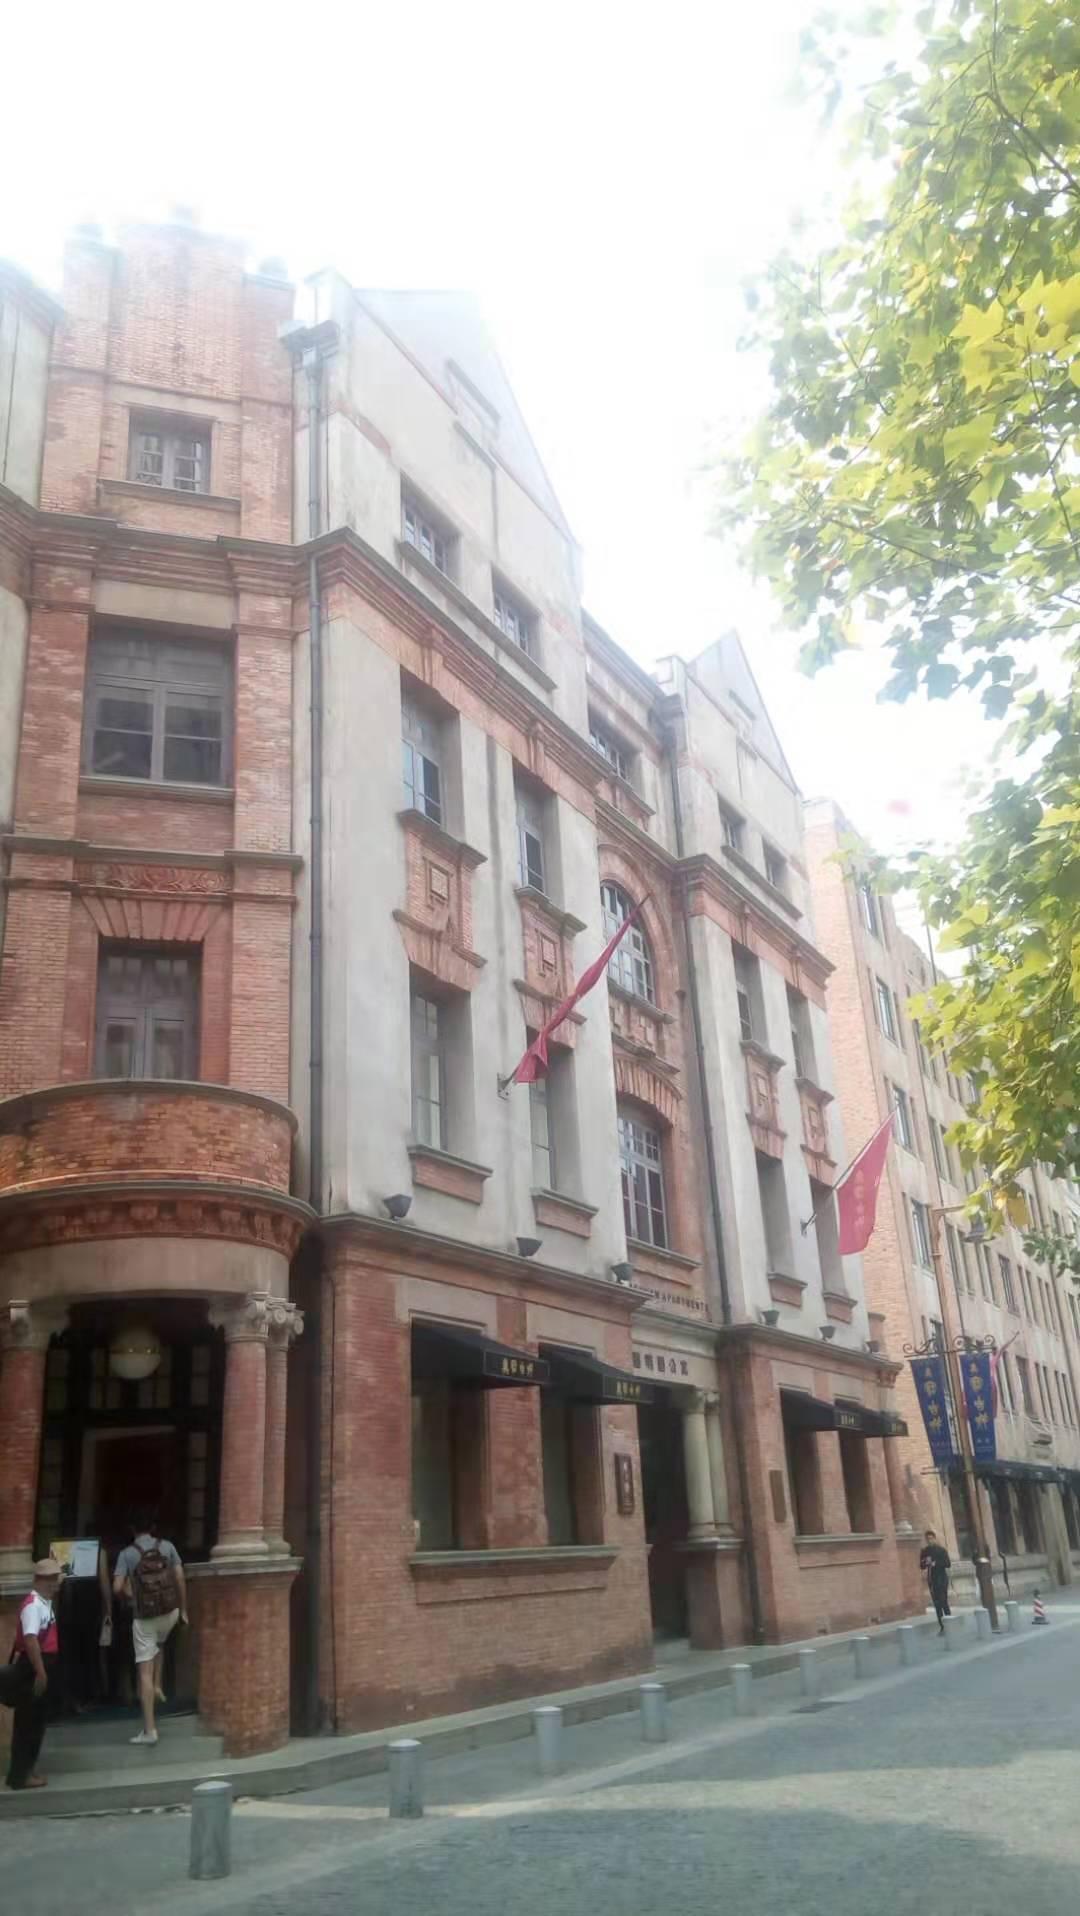 寶吉祥藝術中心是目前唯一在上海「外灘源」插旗的台商。「外灘源」是上海開埠的起源點...